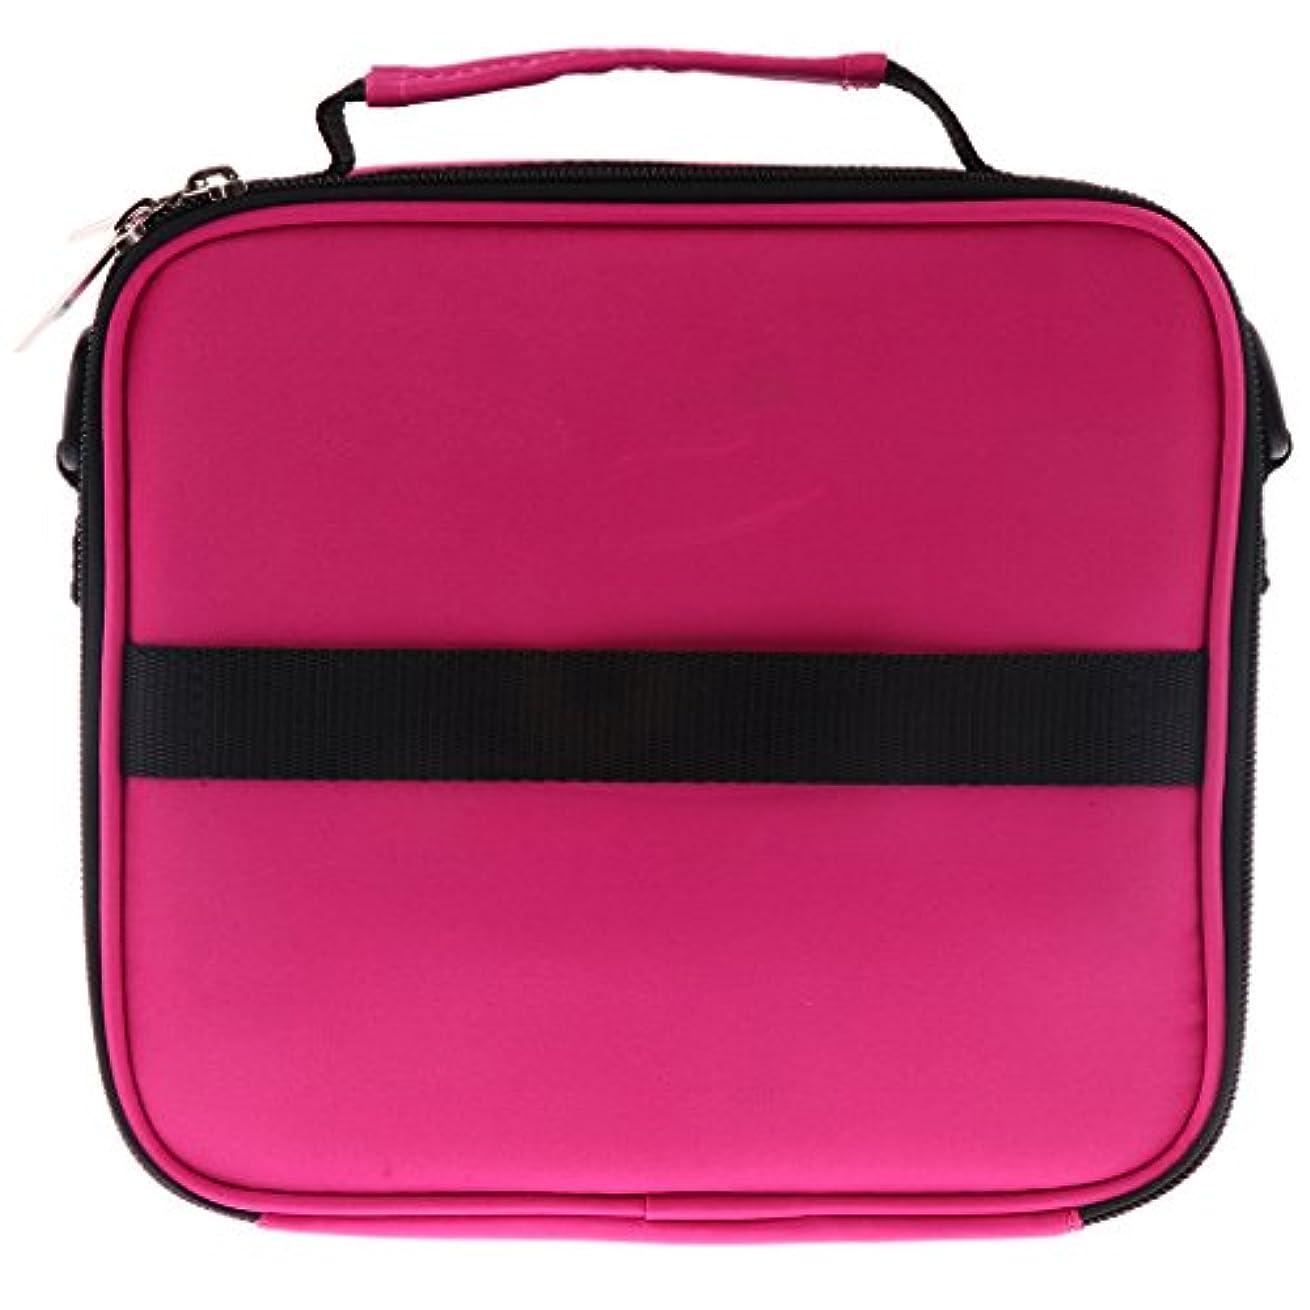 できない地域百全6色 アロマポーチ エッセンシャルオイル ケース 香水収納バッグ アロマケース 携帯用 30本用 - ローズレッド